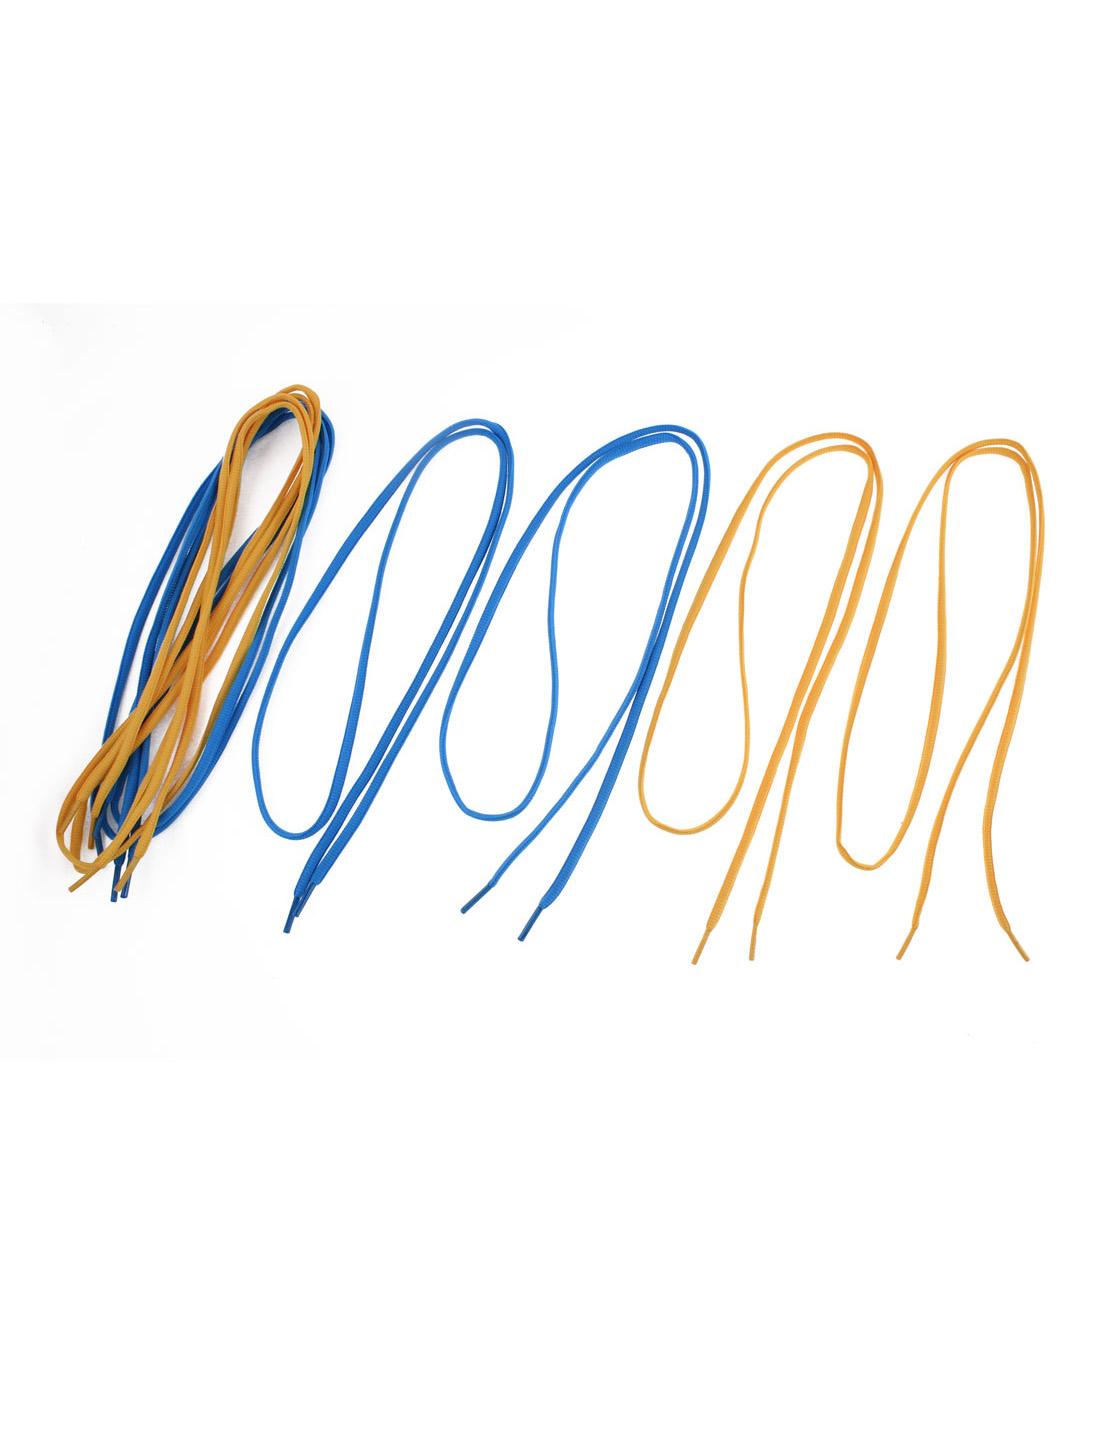 Athletic Sports Sneaker Shoelace Strings Blue Orange 4 Pairs